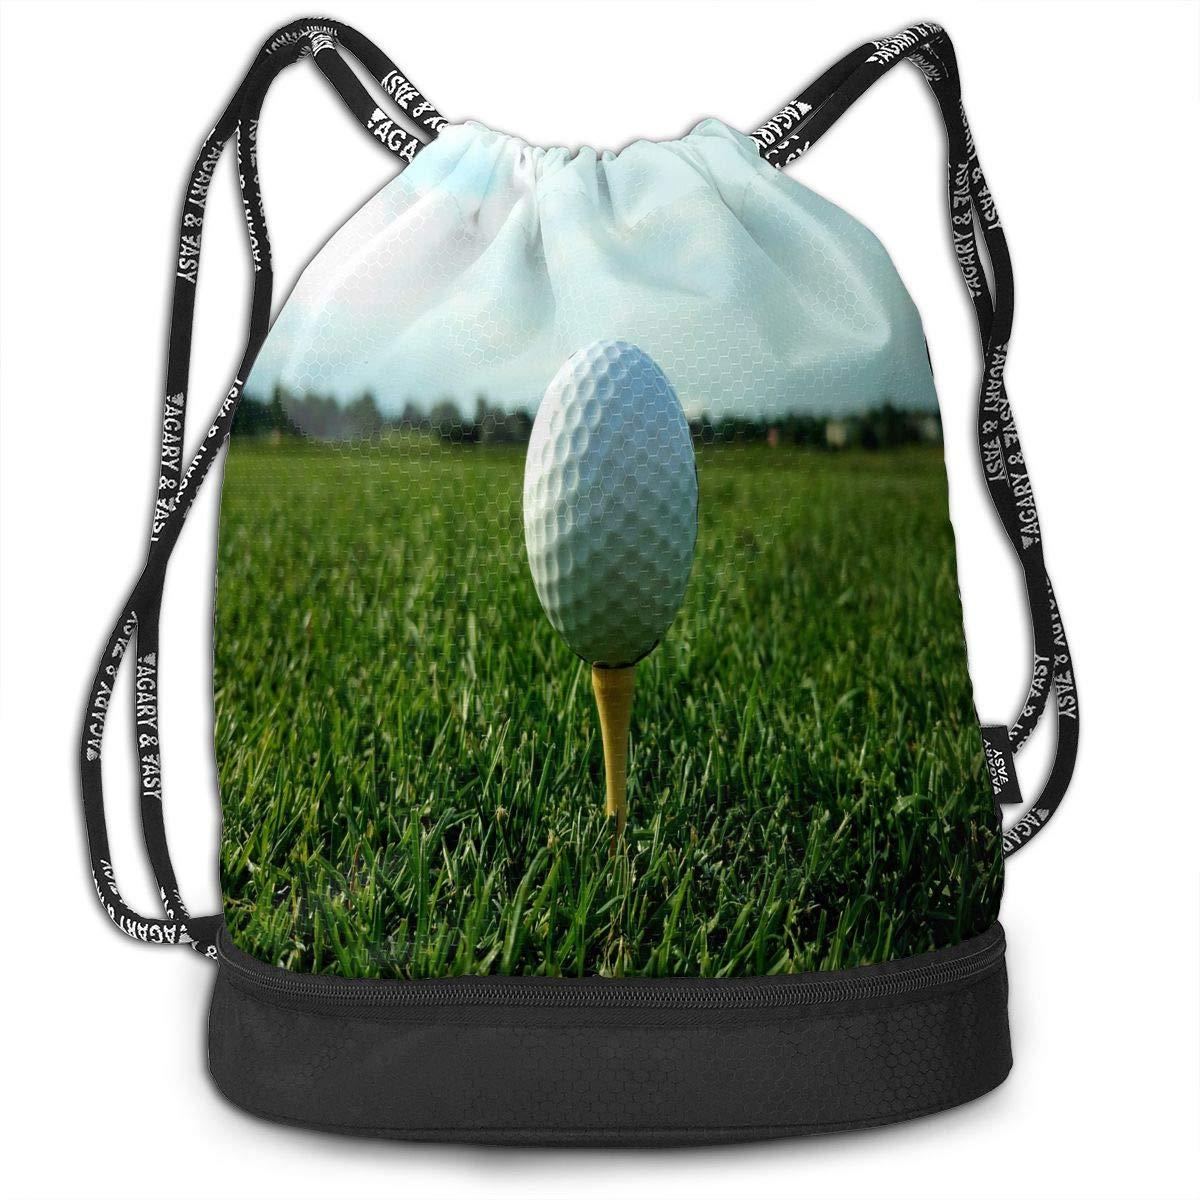 【公式】 HUVATT ボーイズ 引き紐付きバッグ ゴルフボールオンティー レディース ジムバックパック バッグ パターン1 トレンディ メンズ 旅行 S バッグ ボーイズ B07JMPPCY3 パターン1 16.1